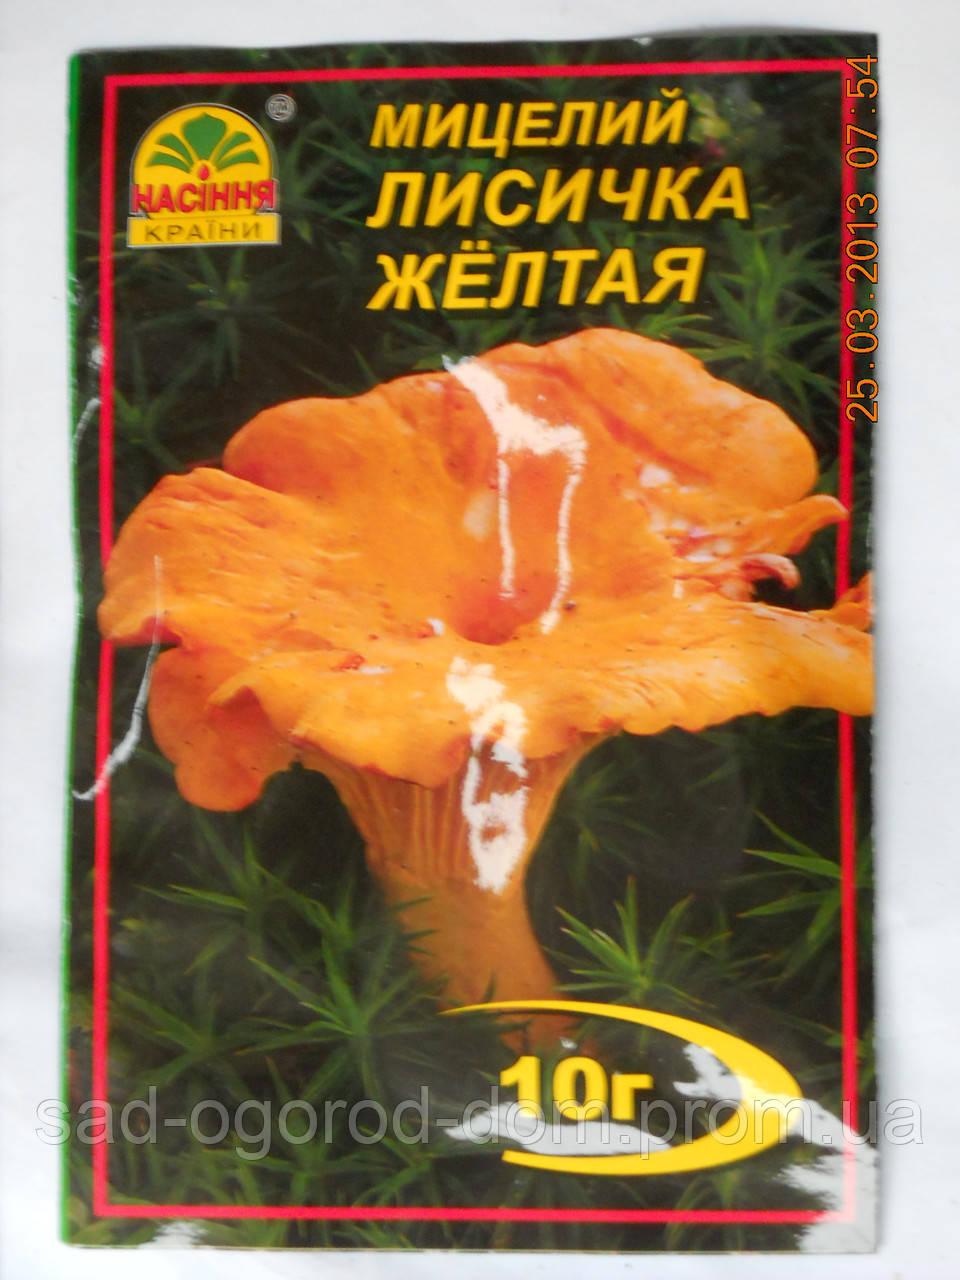 Мицелий Лисички Желтой